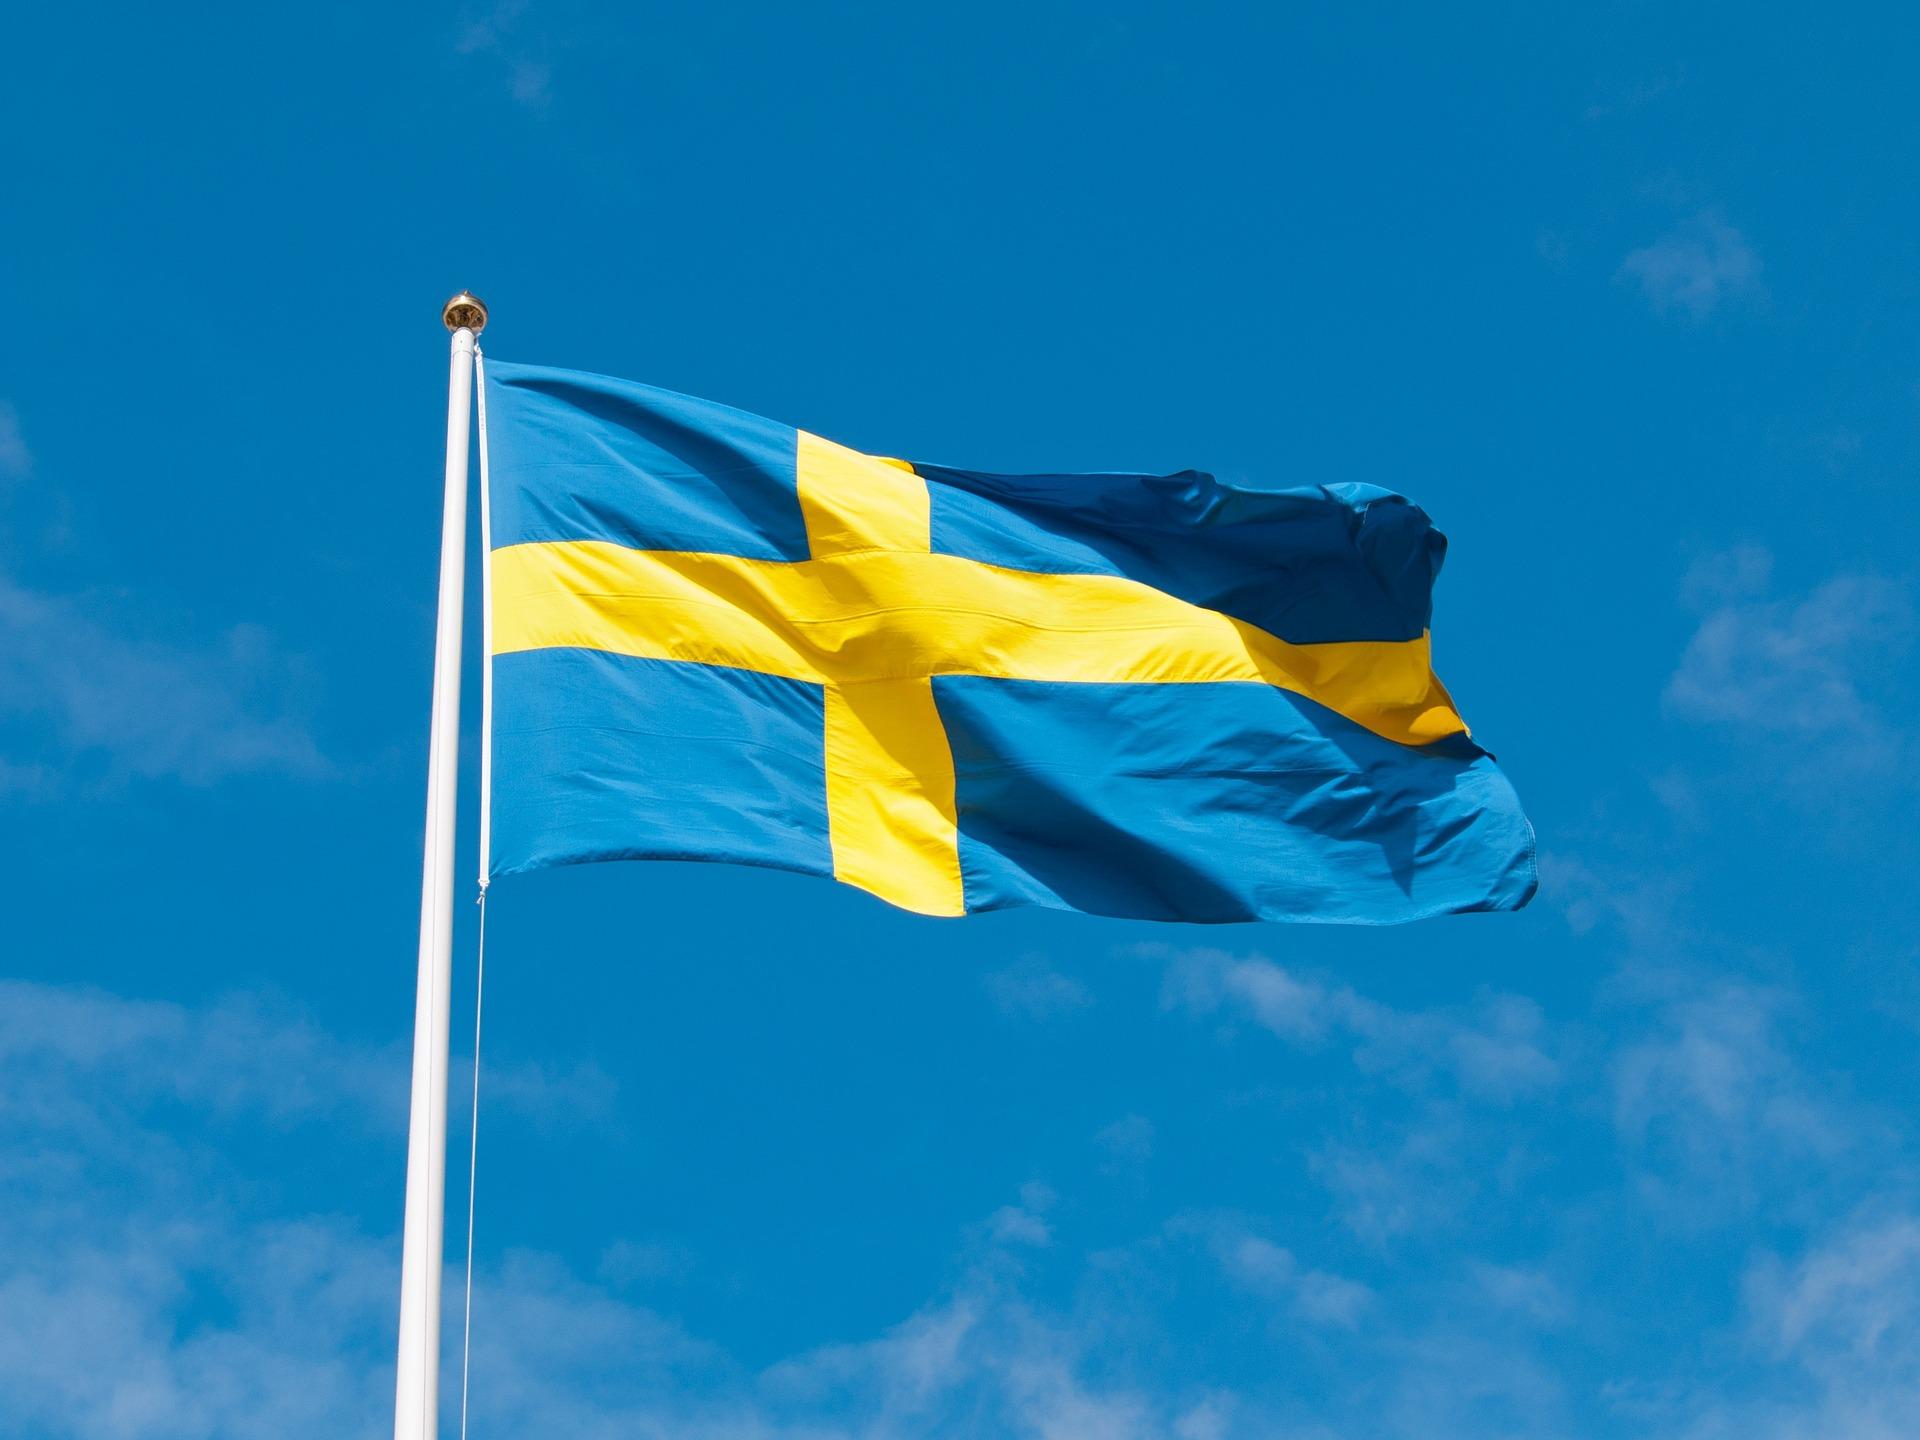 Sverige post och paket statistik